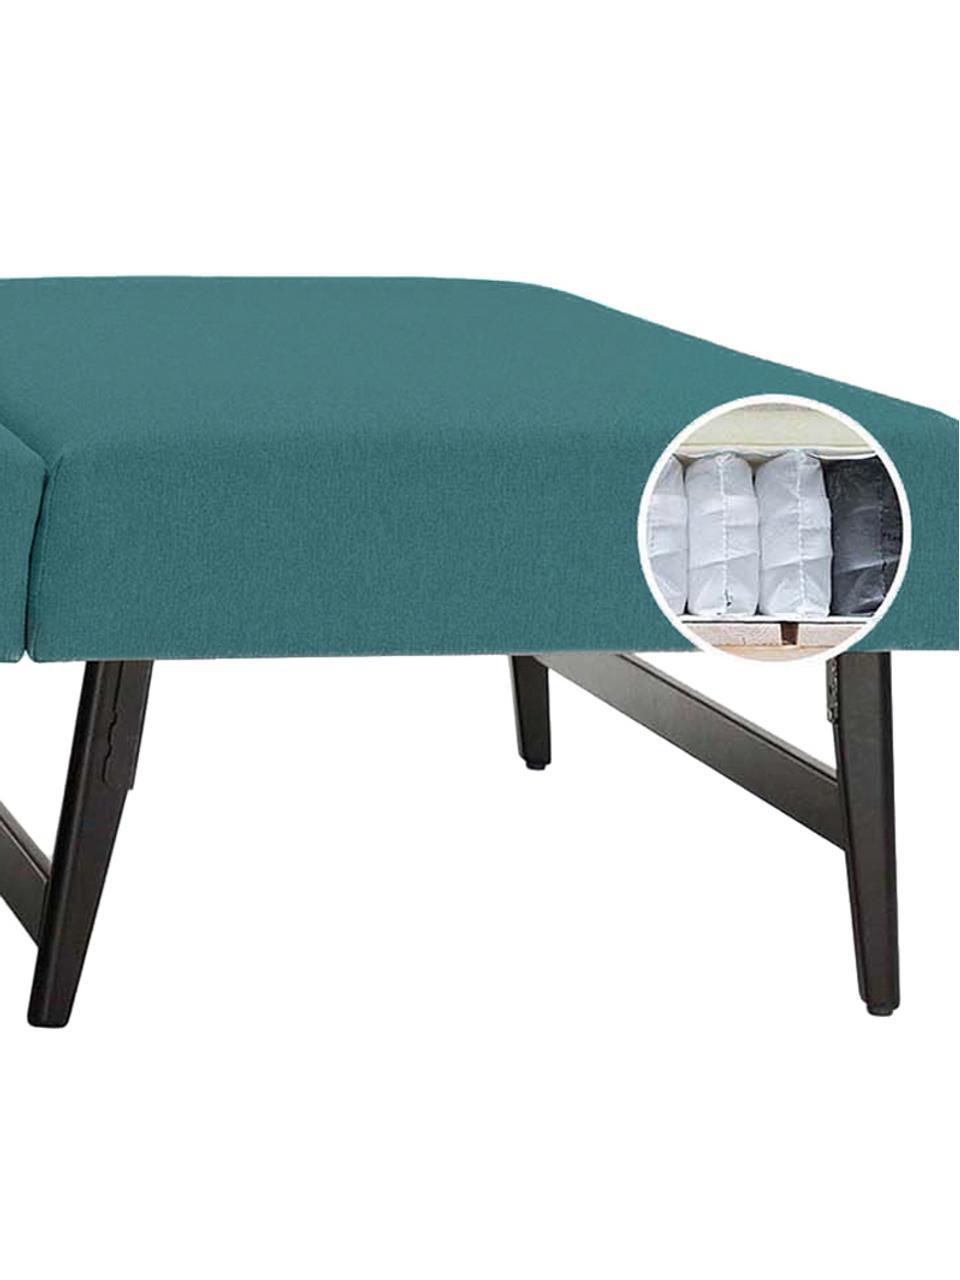 Schlafsofa Bruno (2-Sitzer), Bezug: Pflegeleichtes robustes P, Rahmen: Massivholz, Webstoff Türkis, B 180 x T 84 cm